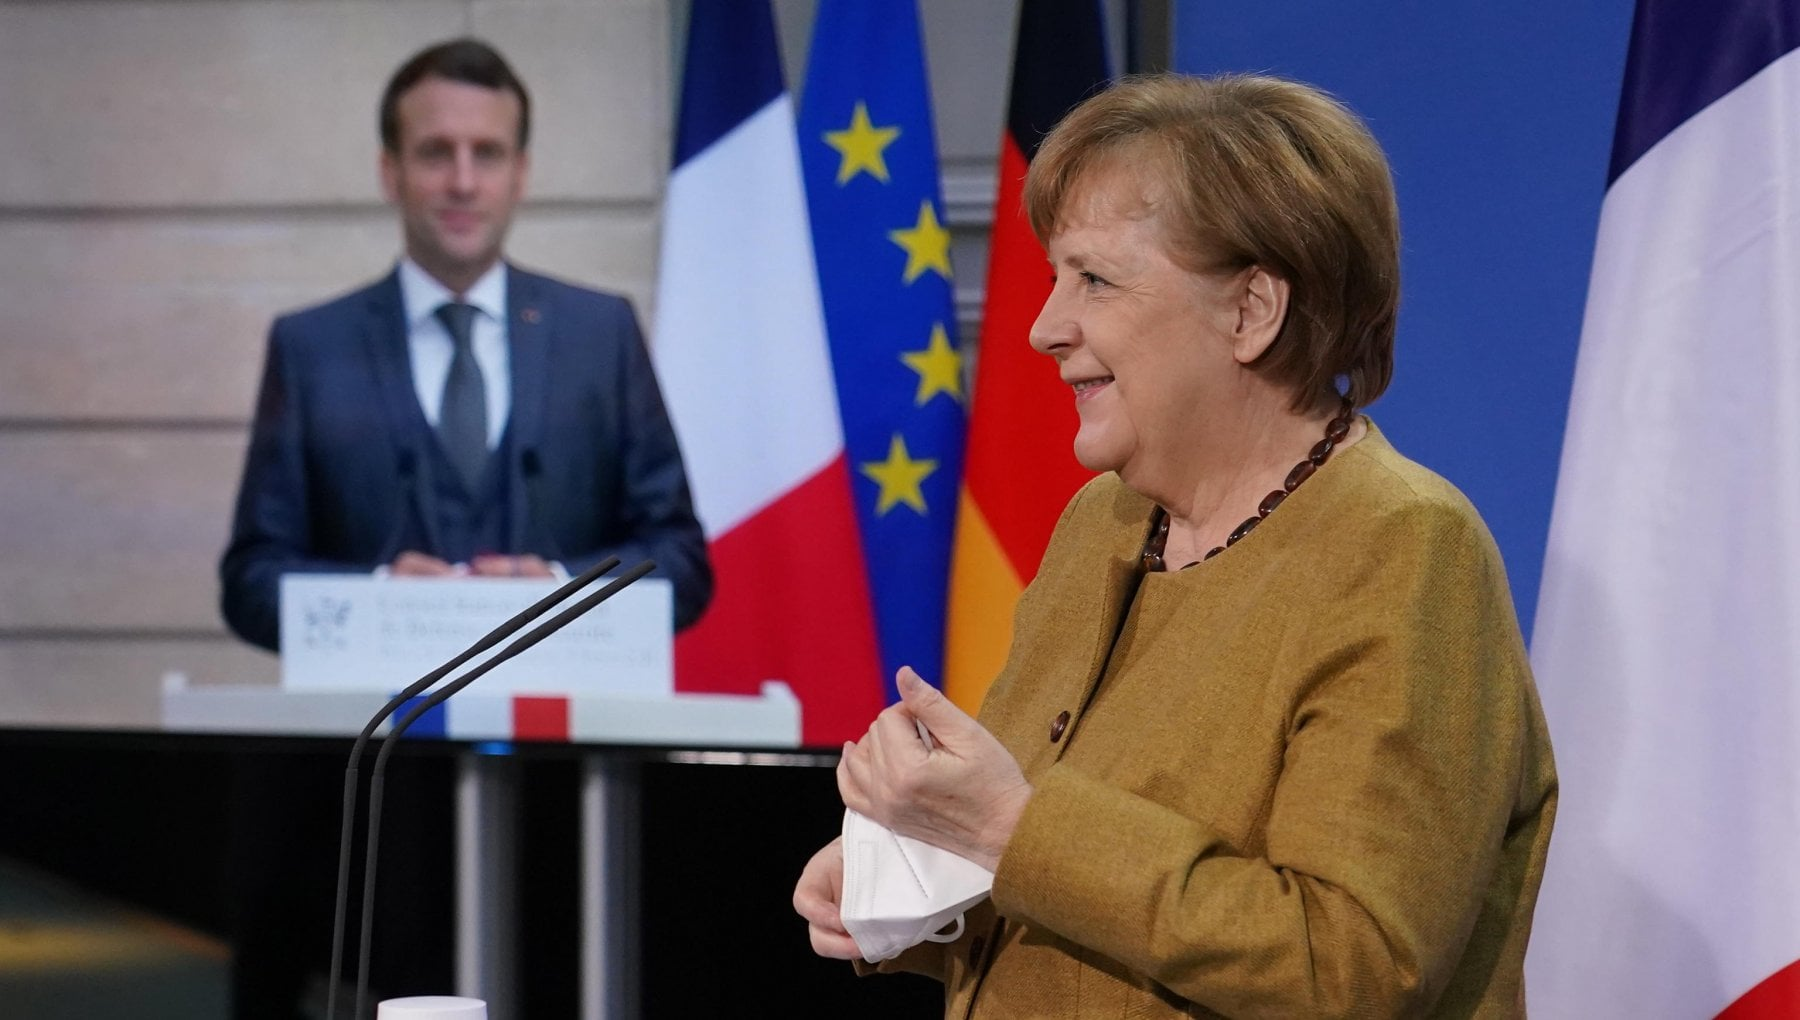 """221143649 983fe3ad c8c0 499a 8d71 df8a4a4a3c8d - Merkel non cede sul gasdotto e convince anche Macron: """"Tutelare la nostra autonomia"""""""